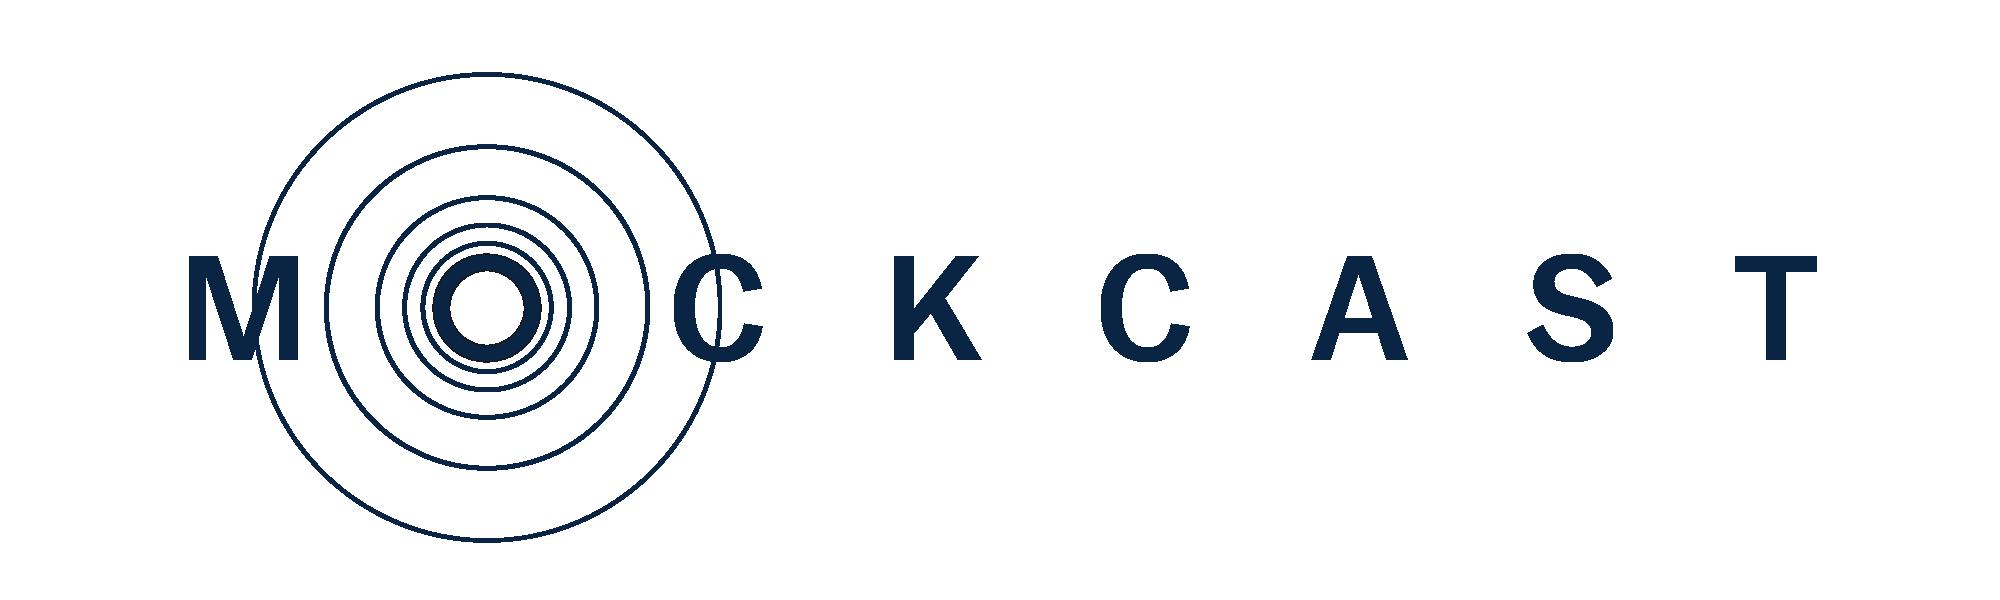 MockCast Logo Hero Circles.png